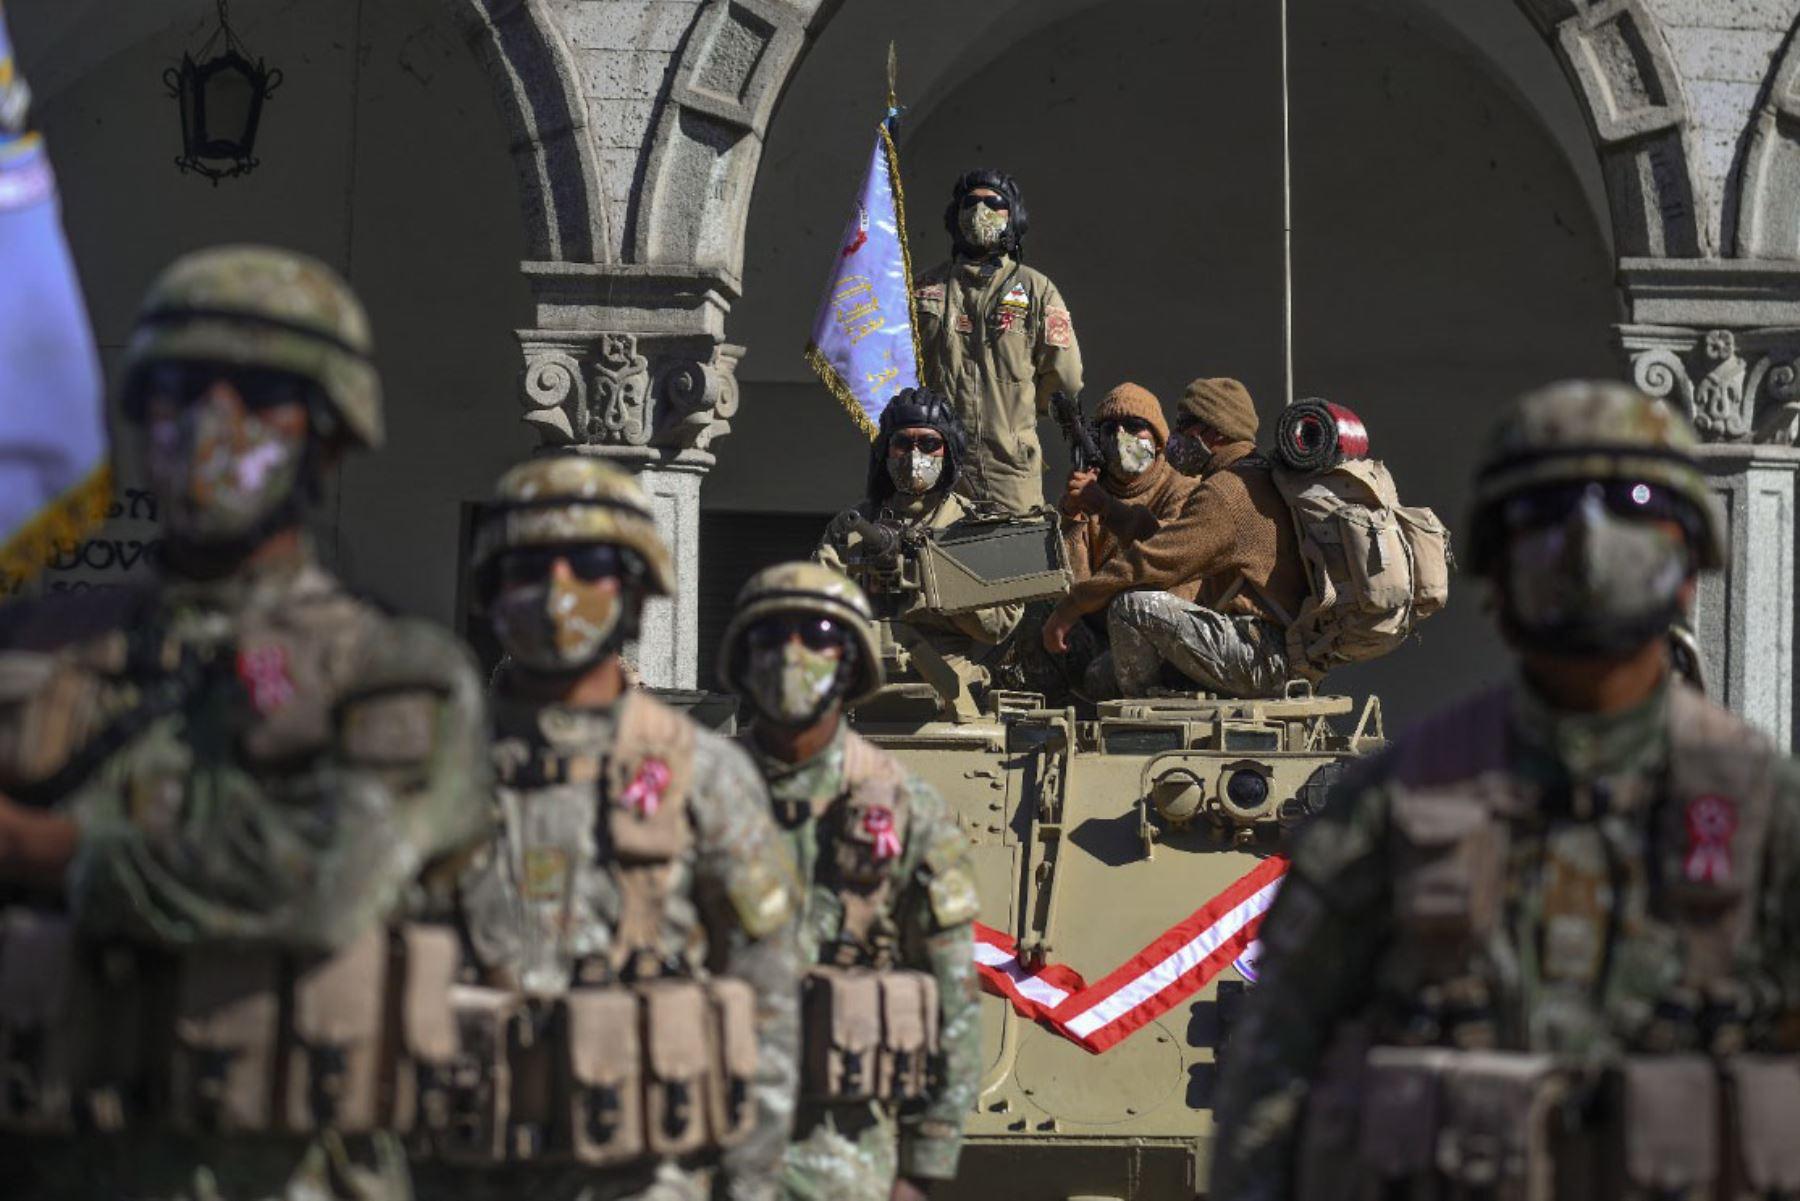 Arequipa celebra el bicentenario de independencia del Perú. La Plaza de Armas de Arequipa fue el escenario de una ceremonia por los 200 años de independencia del Perú, que congregó únicamente a algunas autoridades civiles, militares y religiosas, debido a la pandemia. Foto: Cortesía Diego Ramos